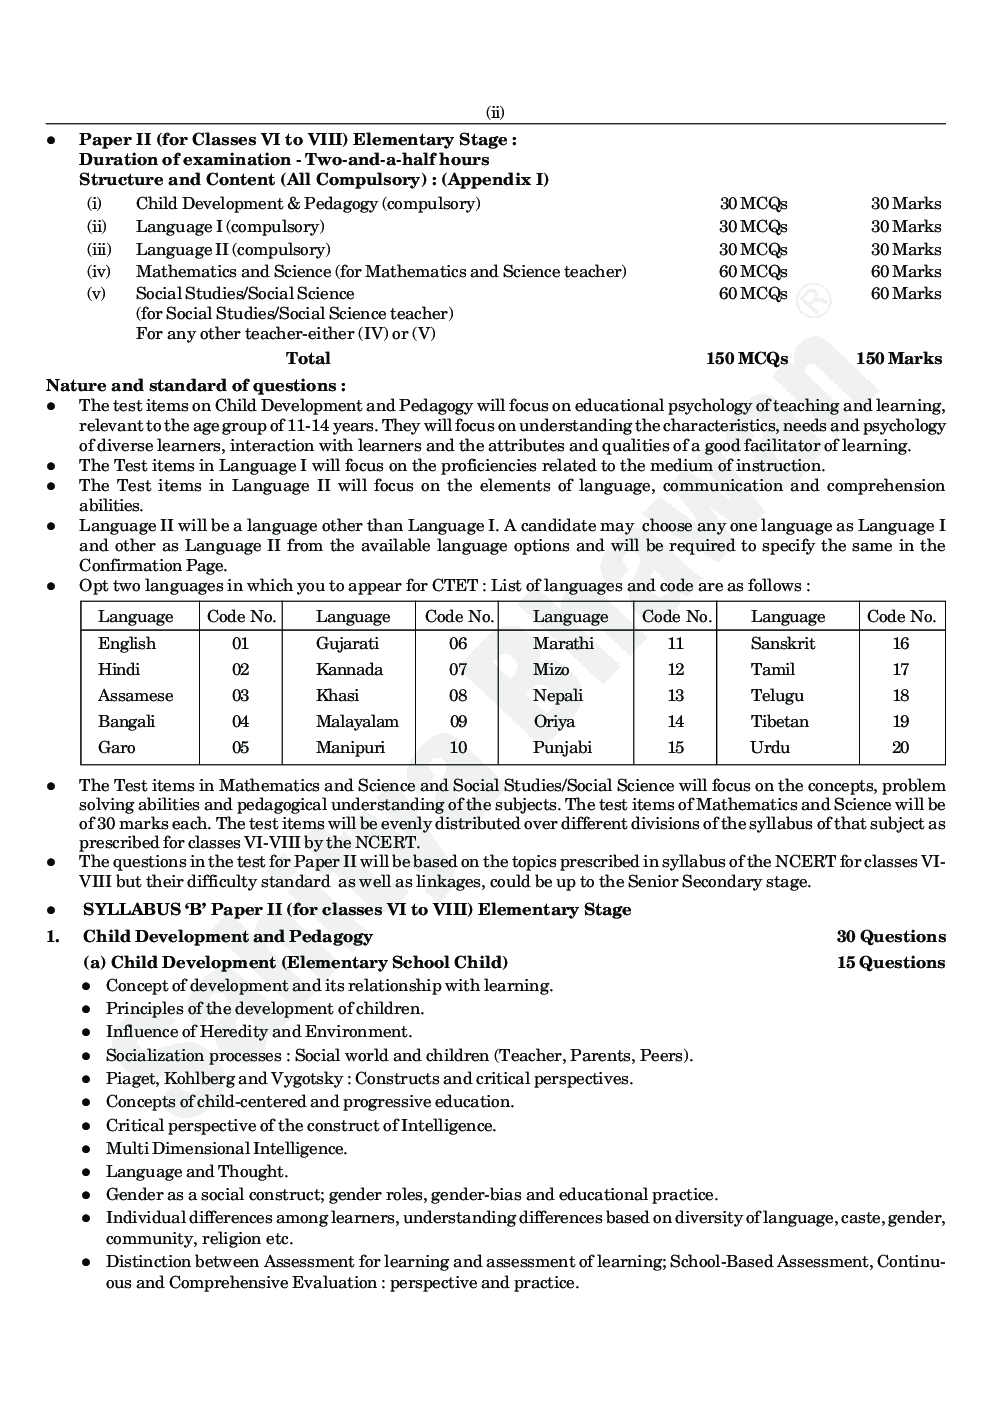 CTET Solved Papers Prashna-II Kaksha VI Se VIII me Samajik Adhyan /Samajik Vigyan Shikshan Hetu Sanskrit Bhasha Sahit - Page 5